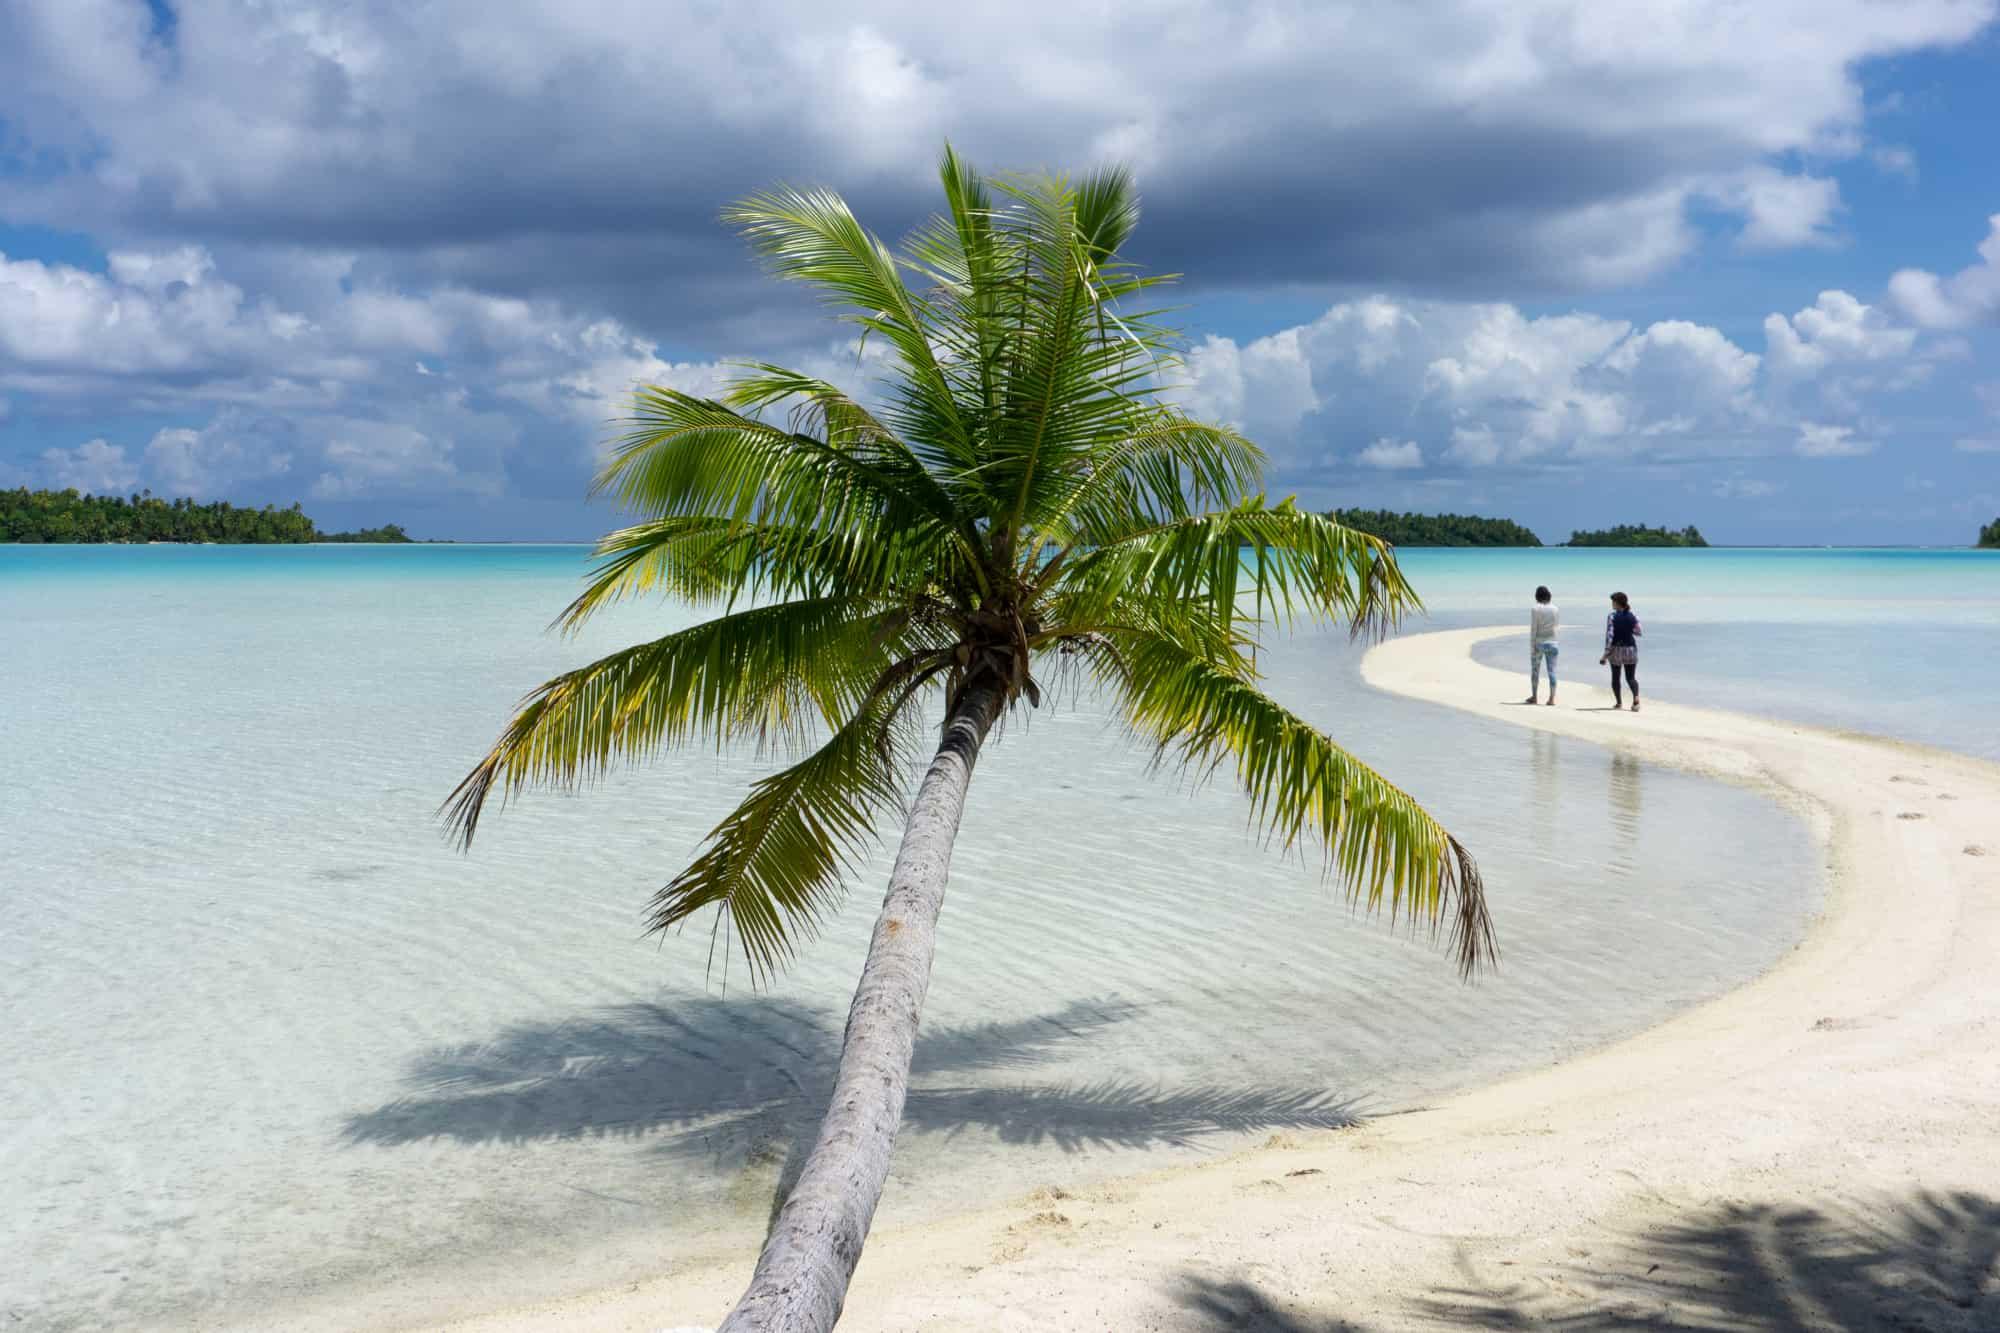 Rangiroa, Tahiti: Diving in Tahiti's Largest Atoll